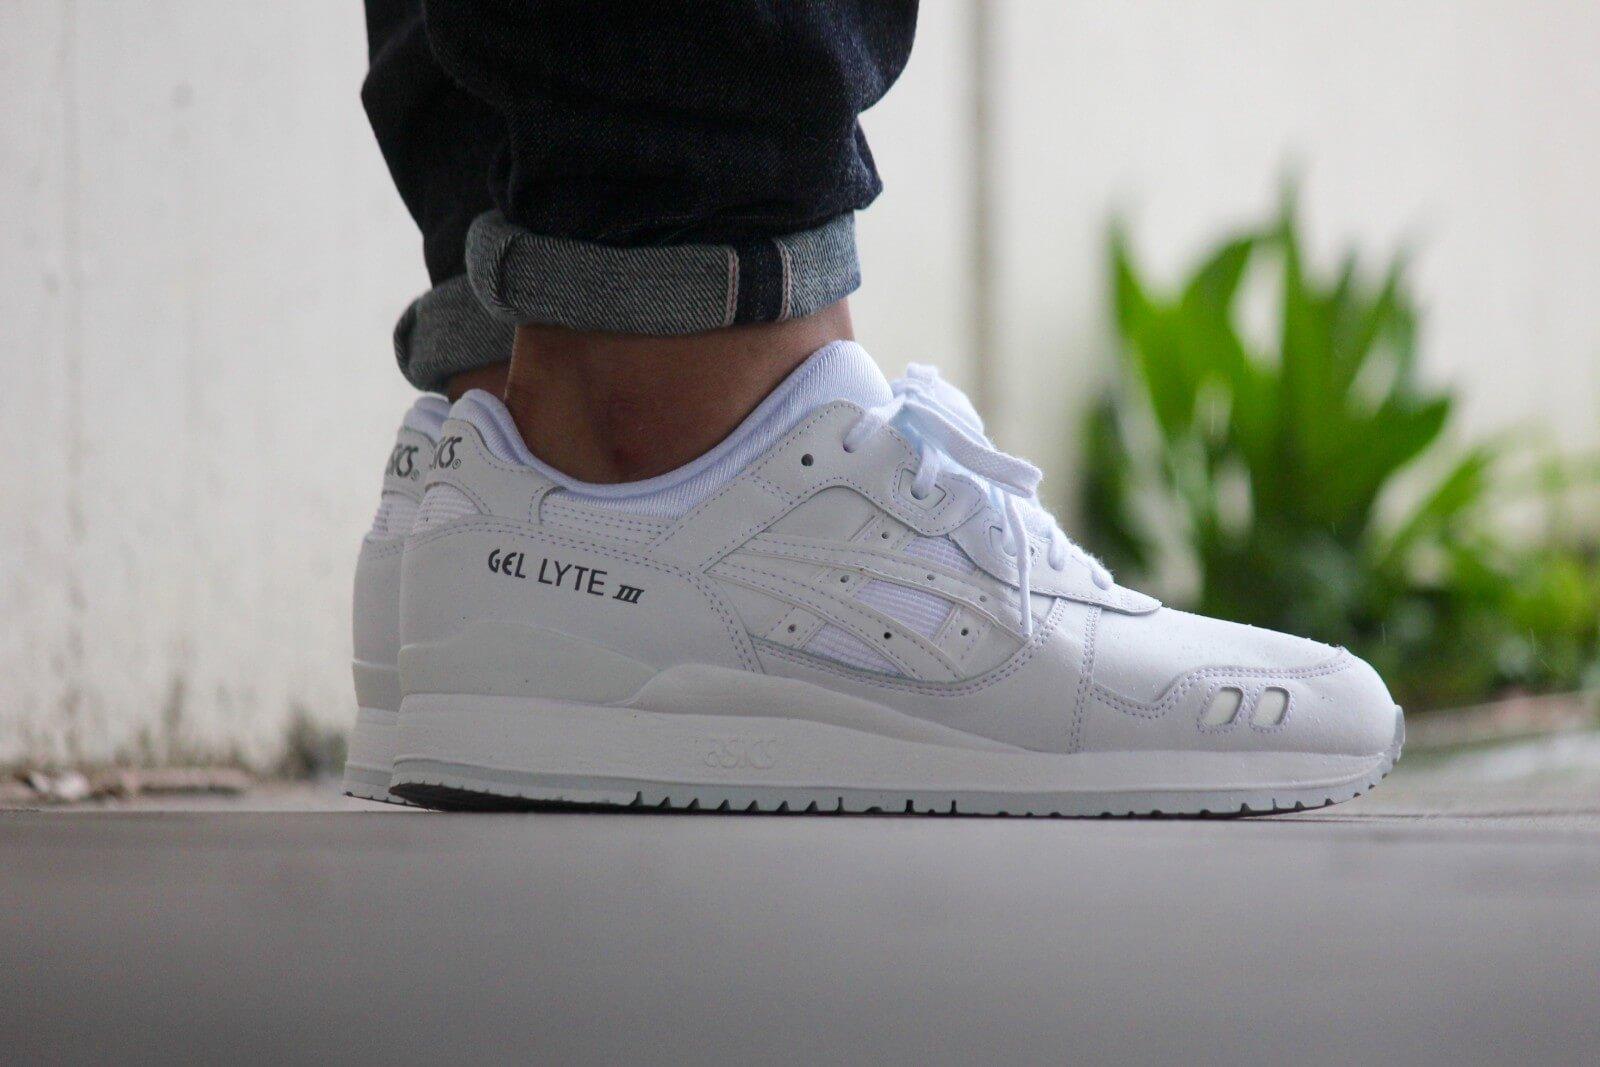 asics gel lyte iii schoenen wit